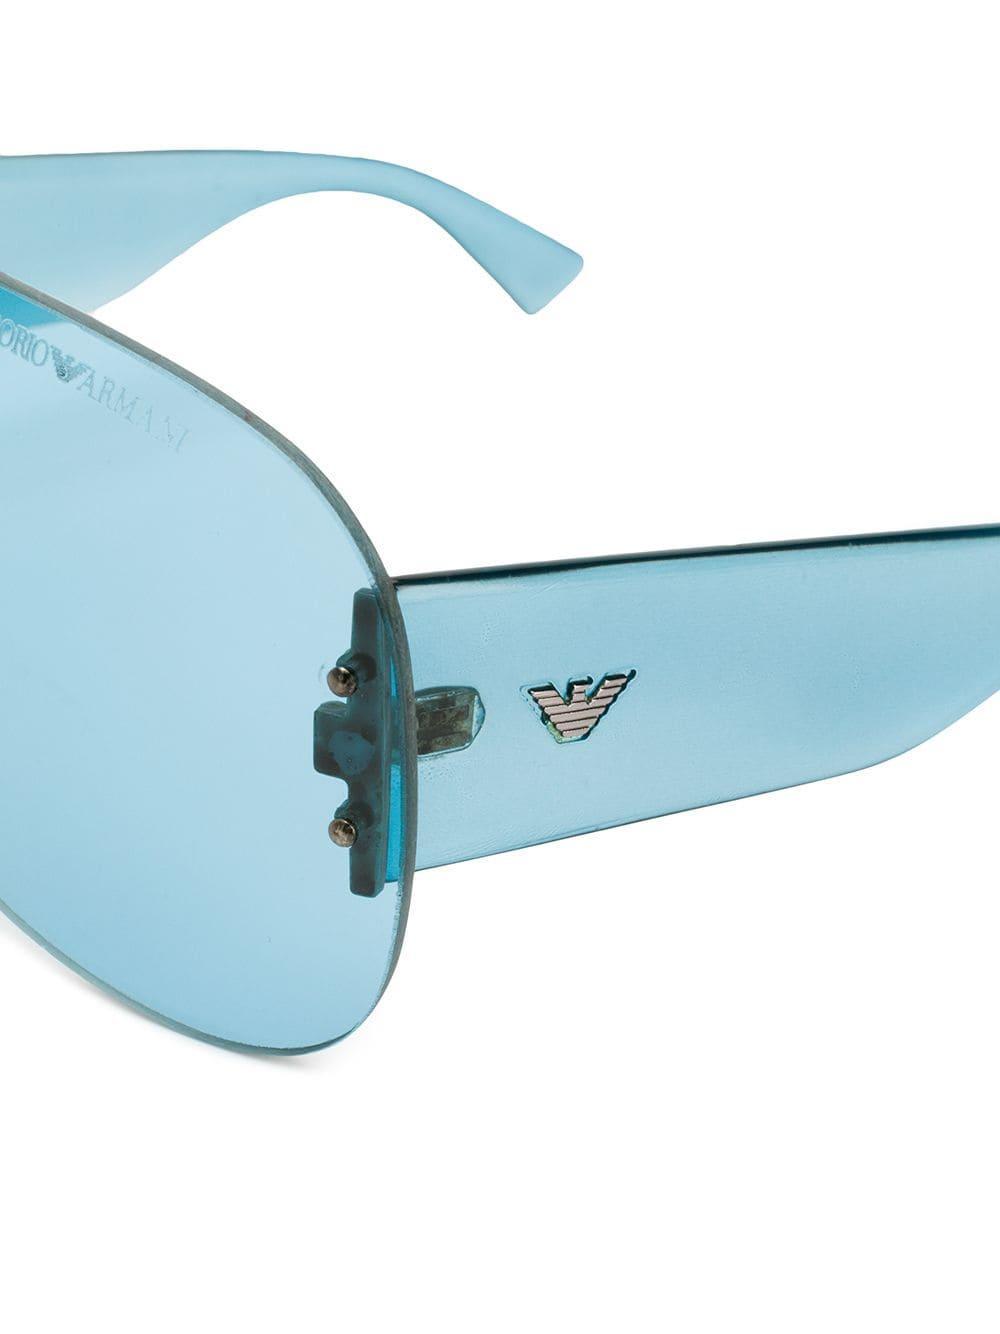 ceec89890829b Vintage gafas de sol estilo aviador - azul